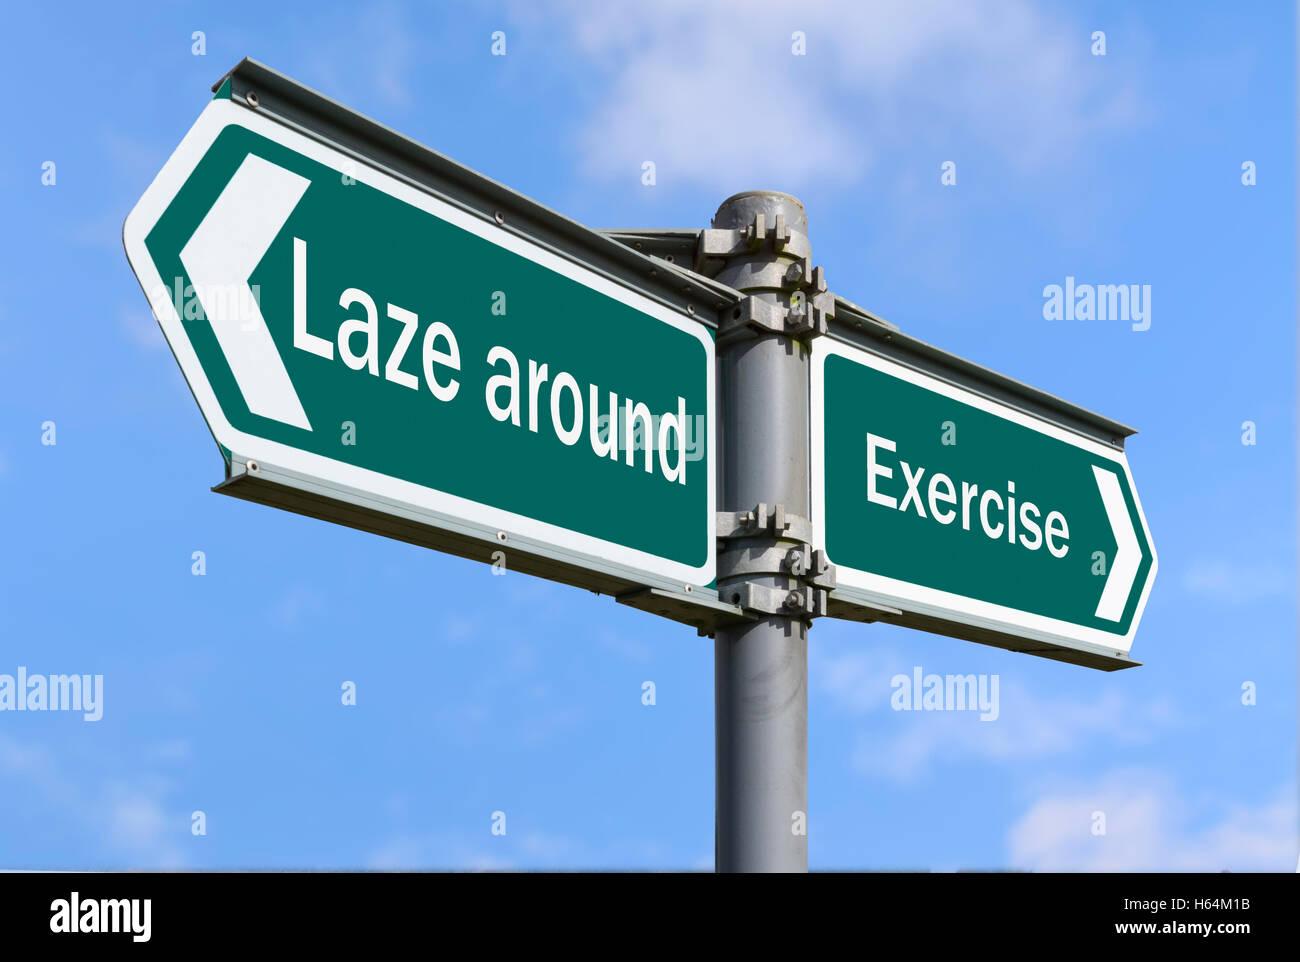 Style de vie. L'exercice ou paresseux concept signe. L'exercice de concept signe. Photo Stock